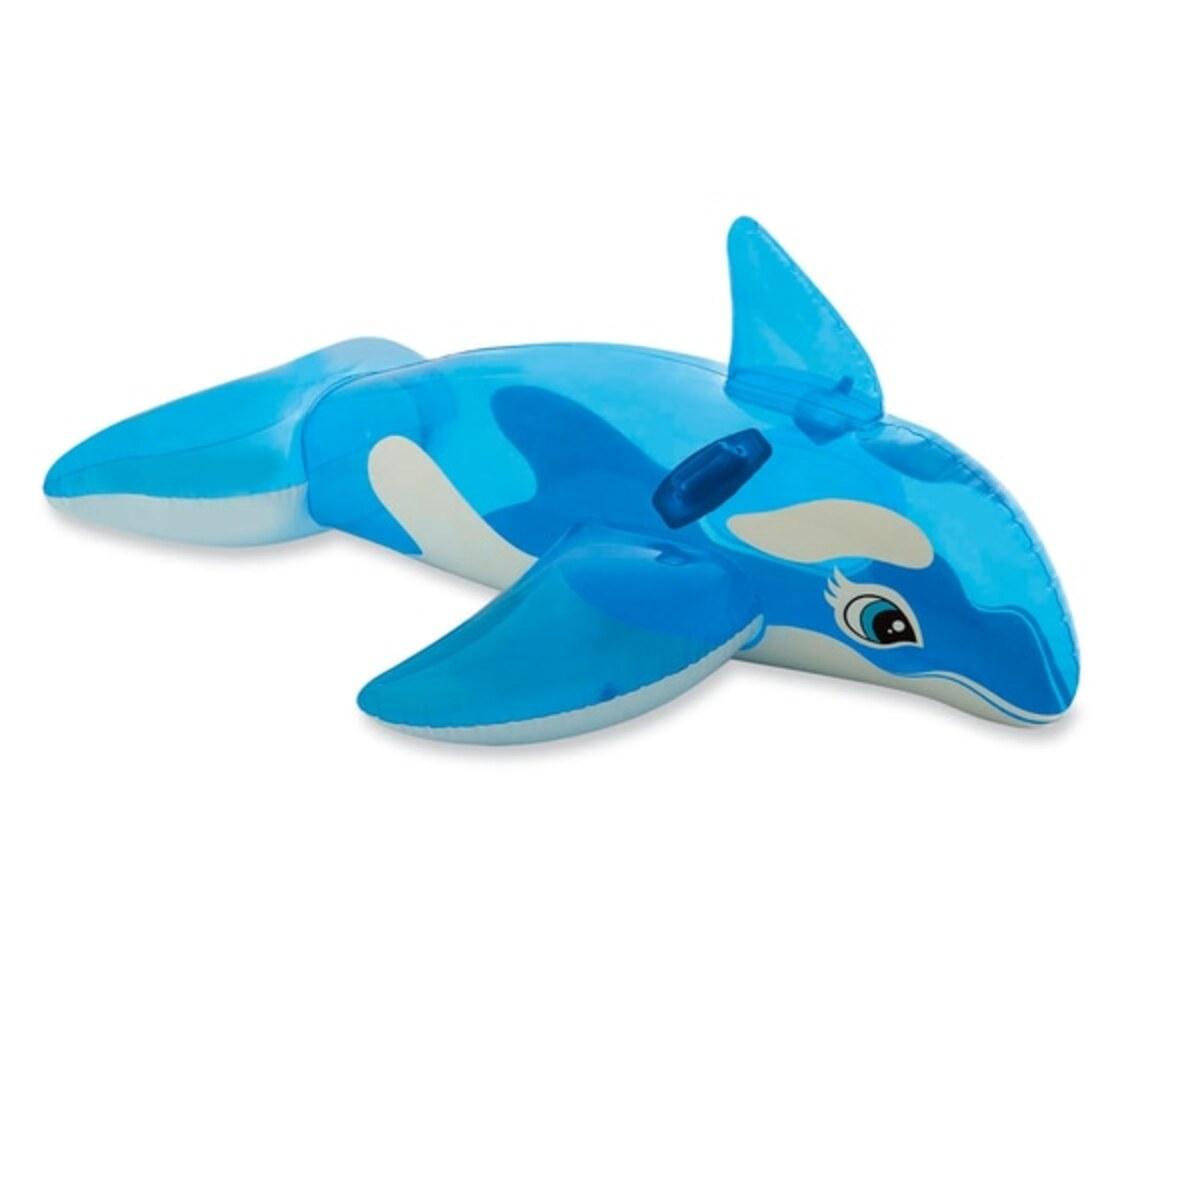 Bild 2 von Intex - Schwimmtier Wal